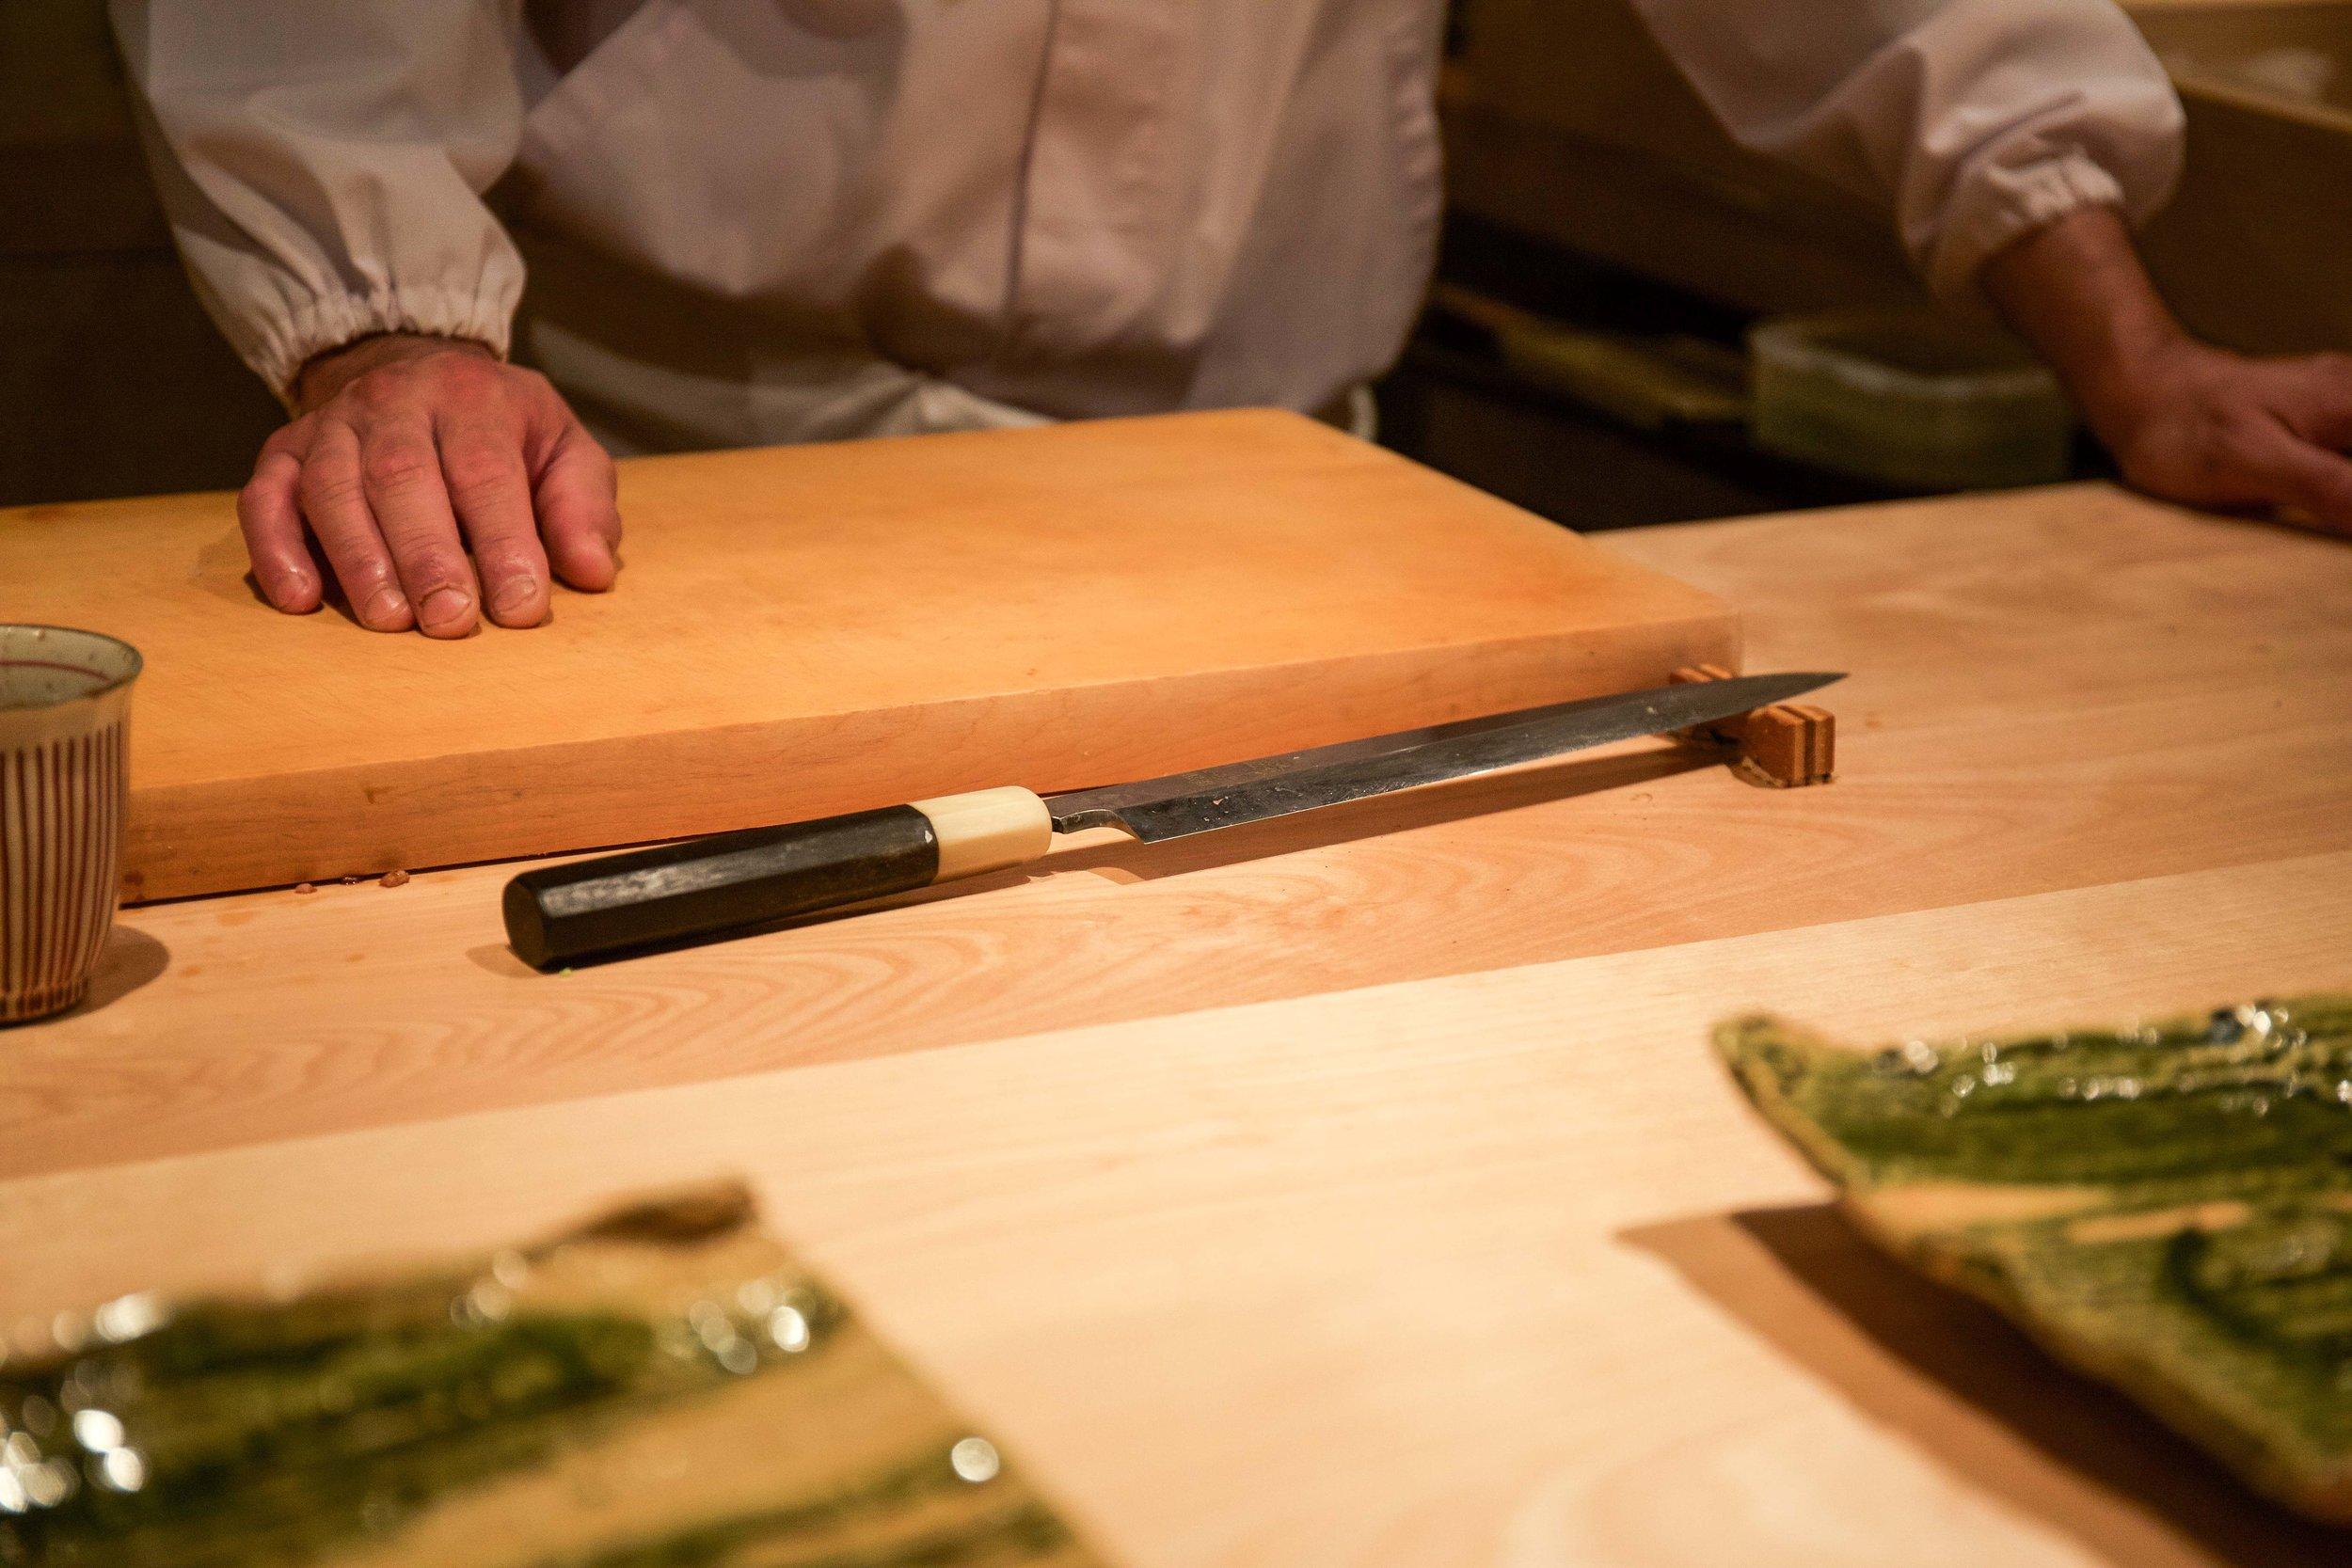 19-knife.jpg